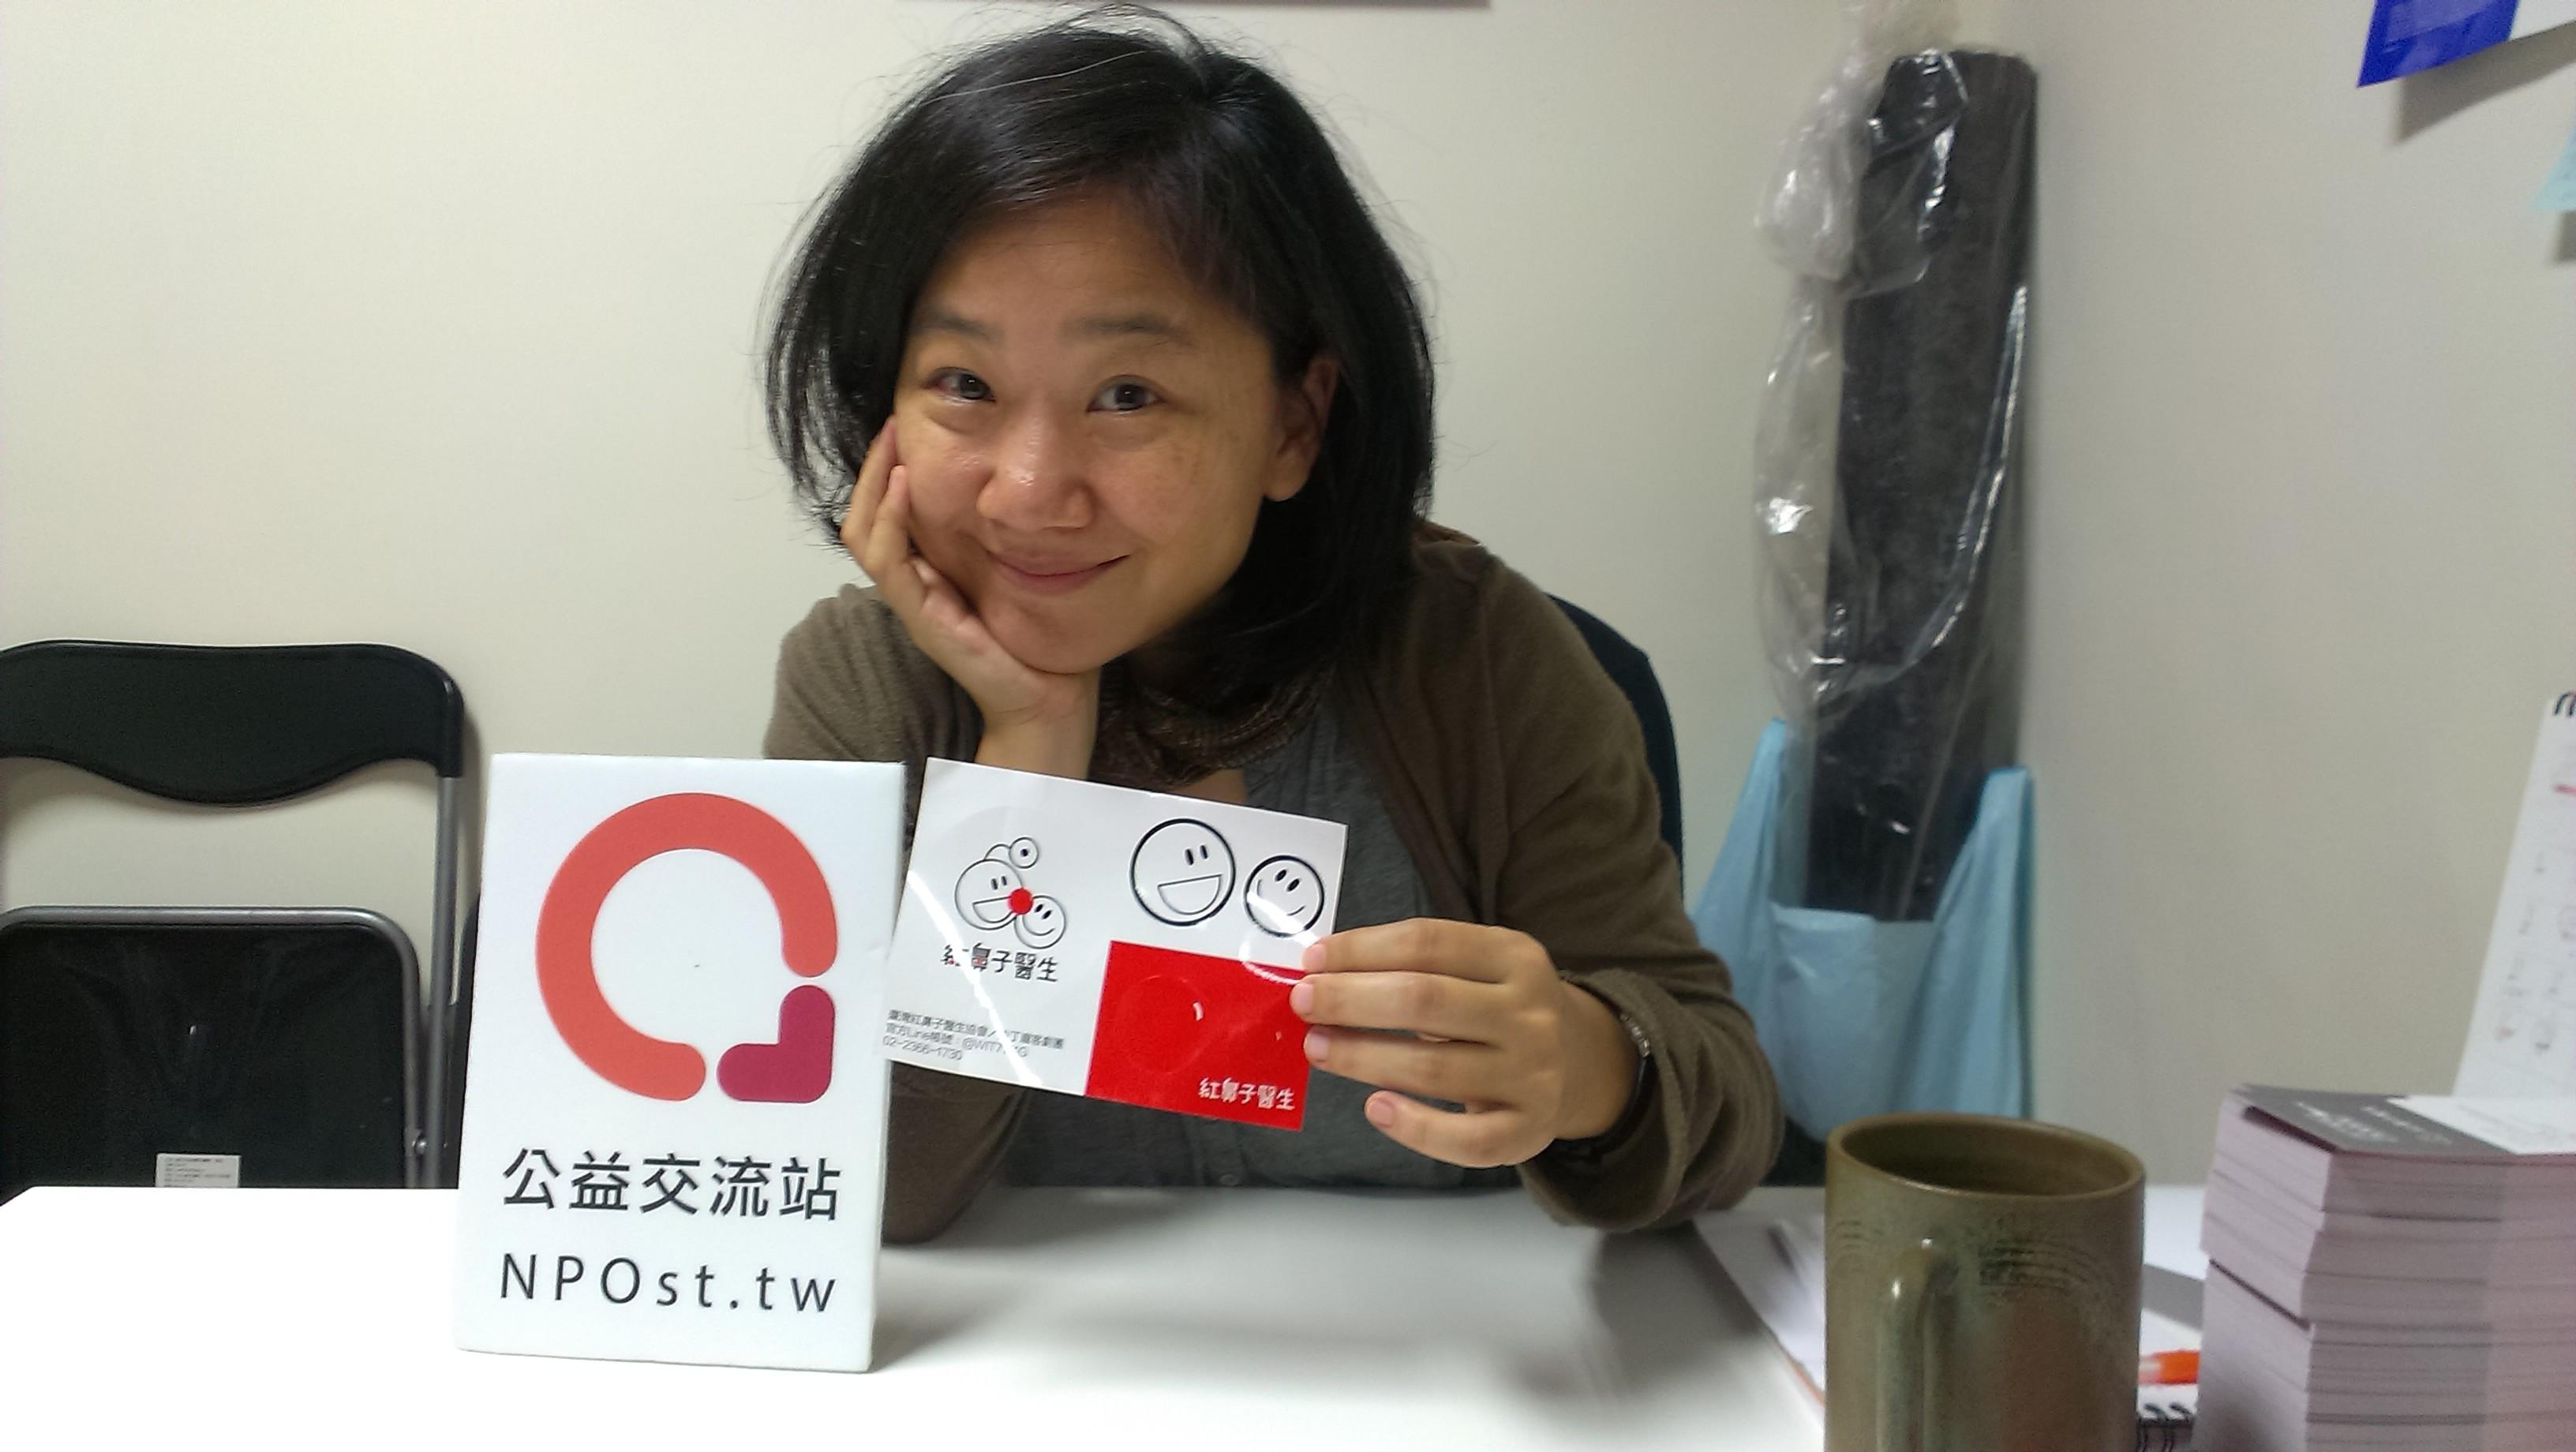 台灣紅鼻子醫生的創辦人、沙丁龐客劇團的藝術總監馬照琪(NPOst公益交流站攝影)